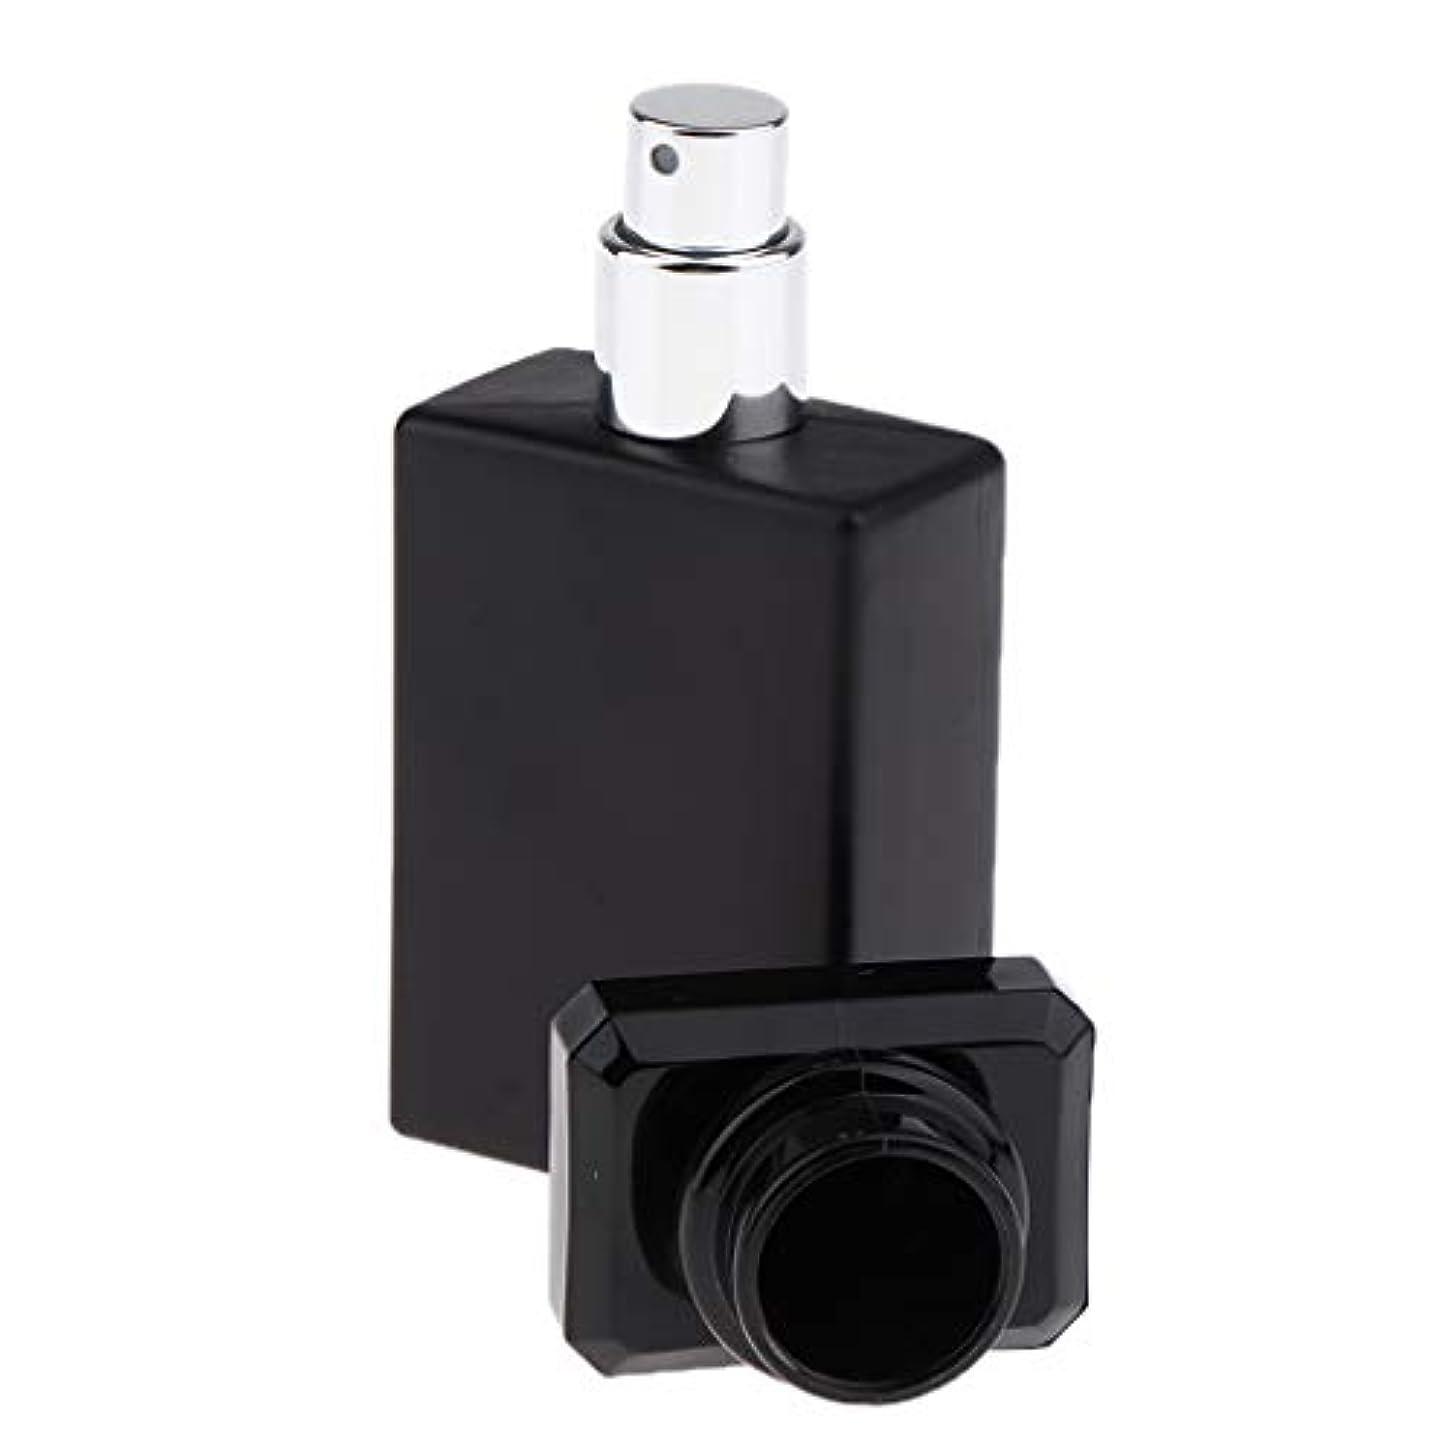 オーナメント請求書ポーズSM SunniMix 香水ガラス瓶 ガラスボトル 香水瓶 アトマイザー 空のボトル スプレーボトル 化粧品ボトル 全2色選ぶ - ブラック